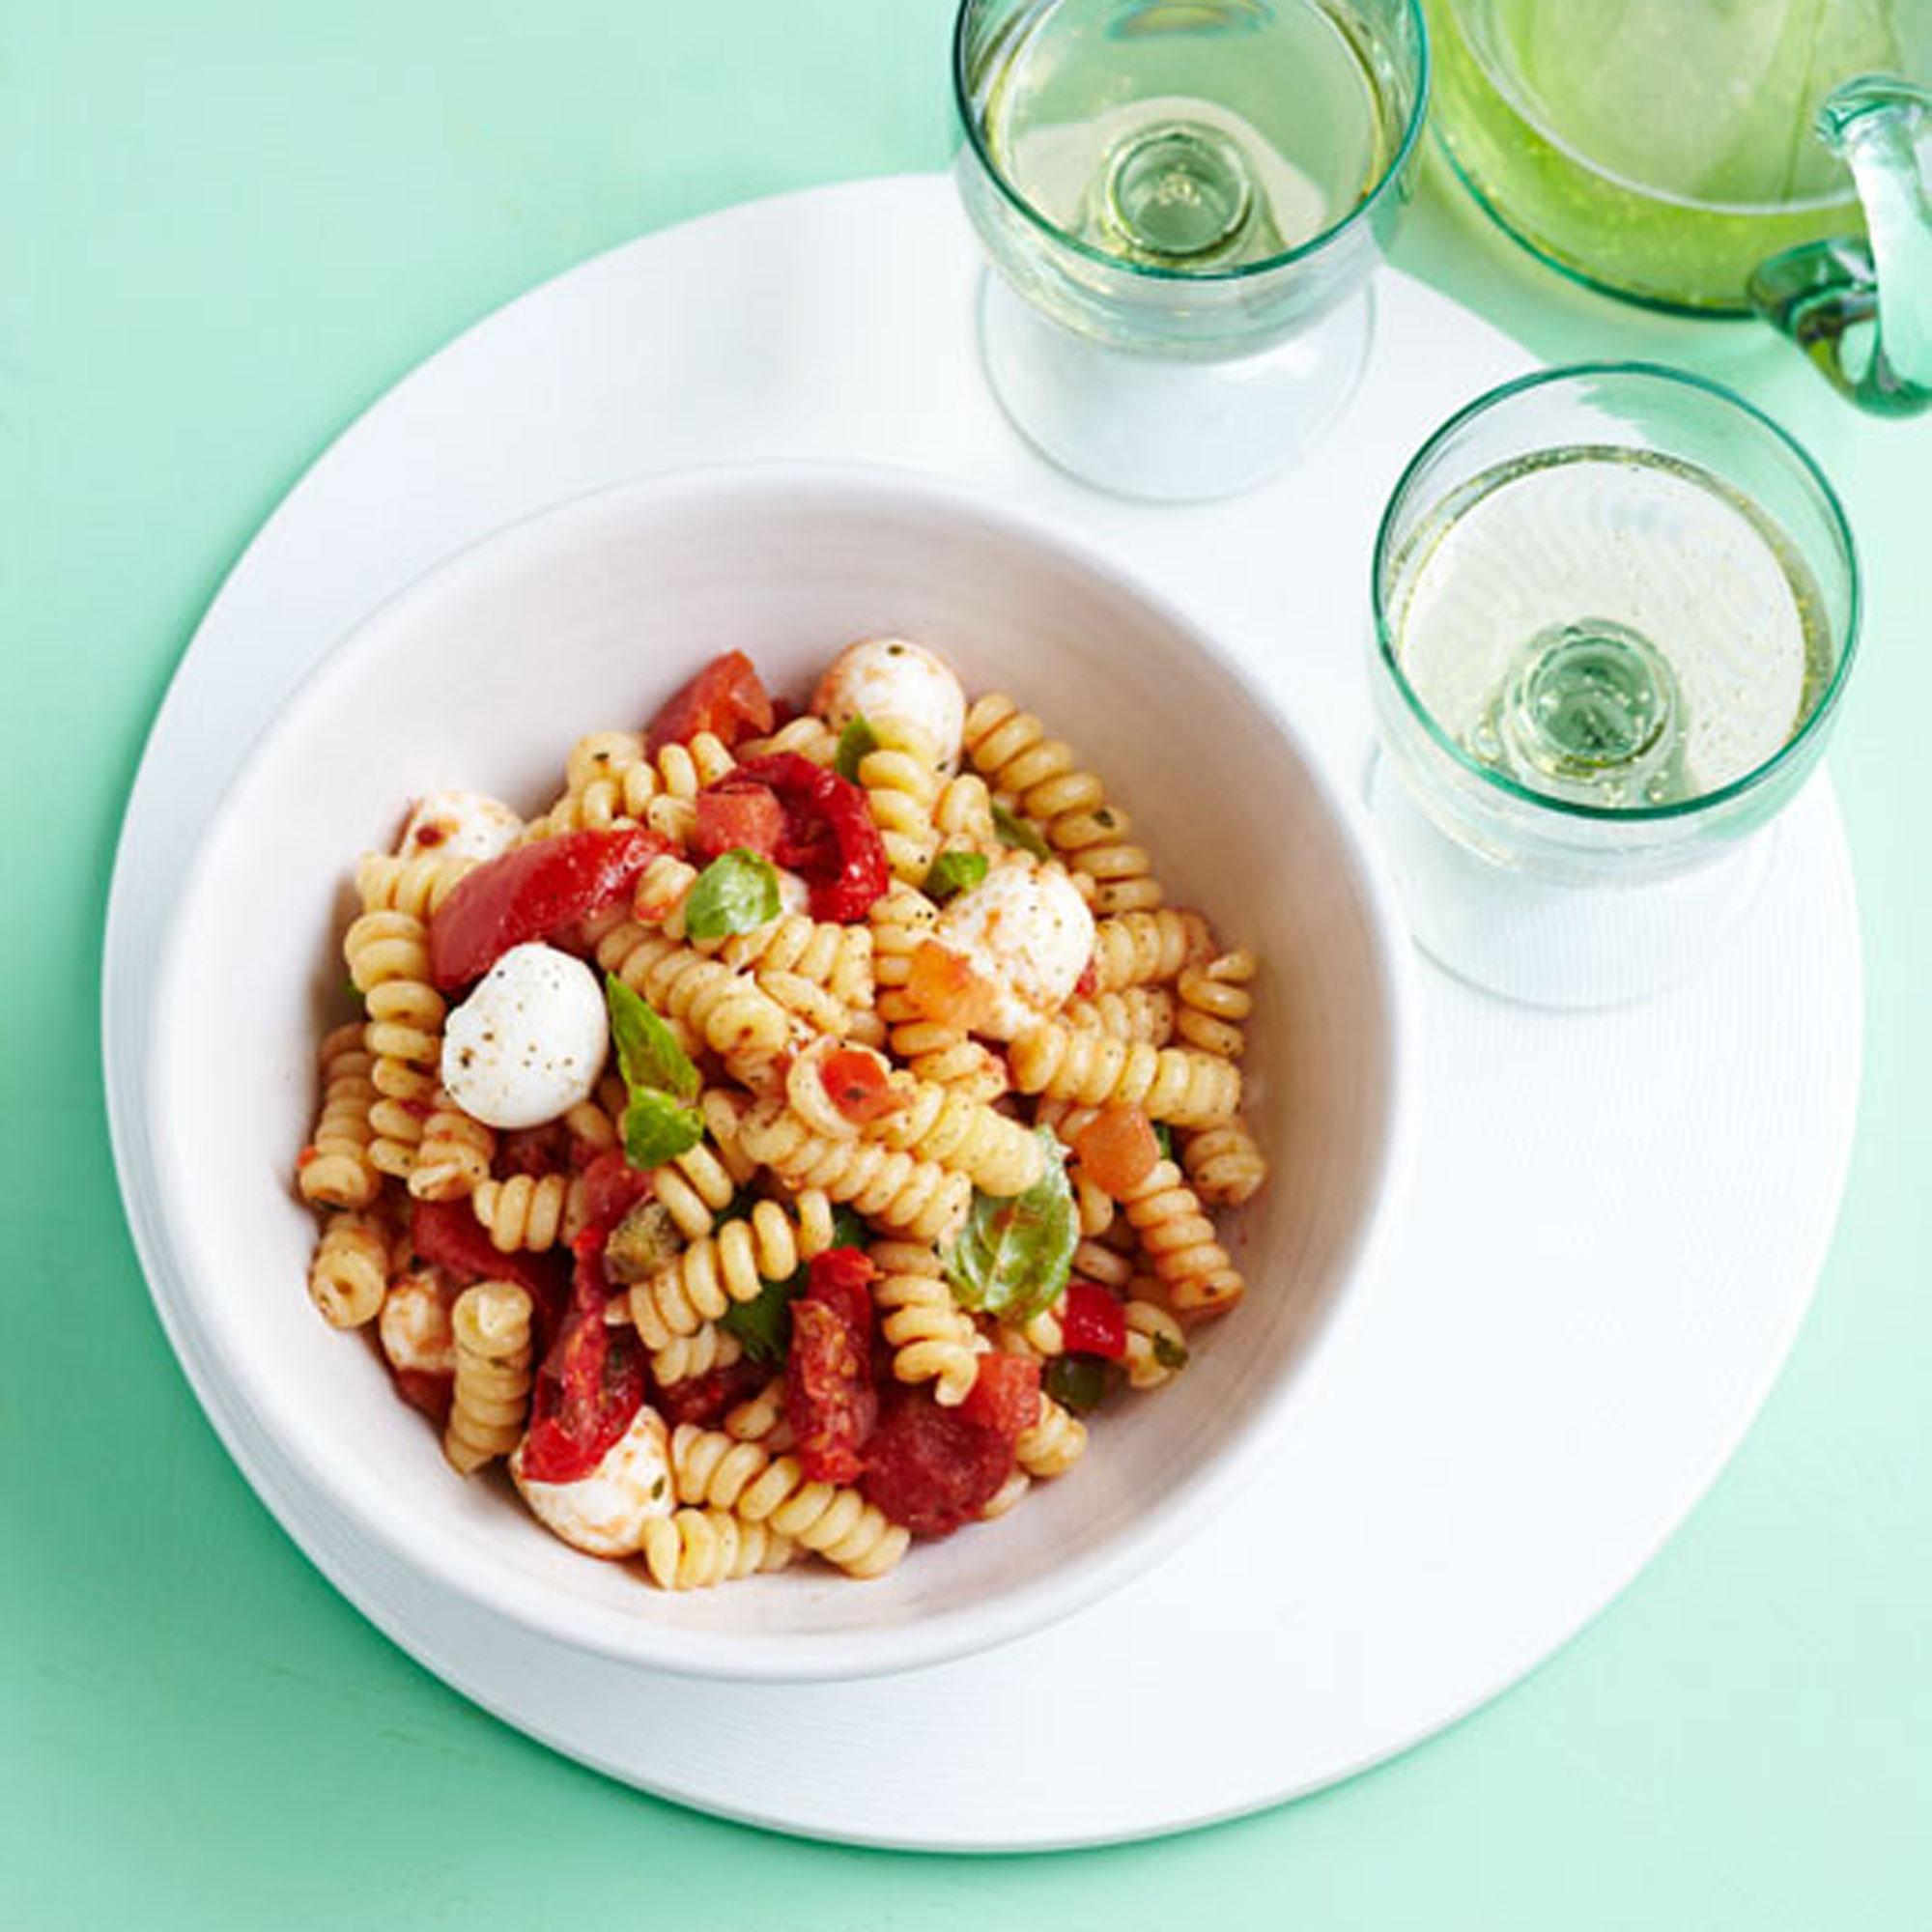 Yummy pasta salad recipes nz news